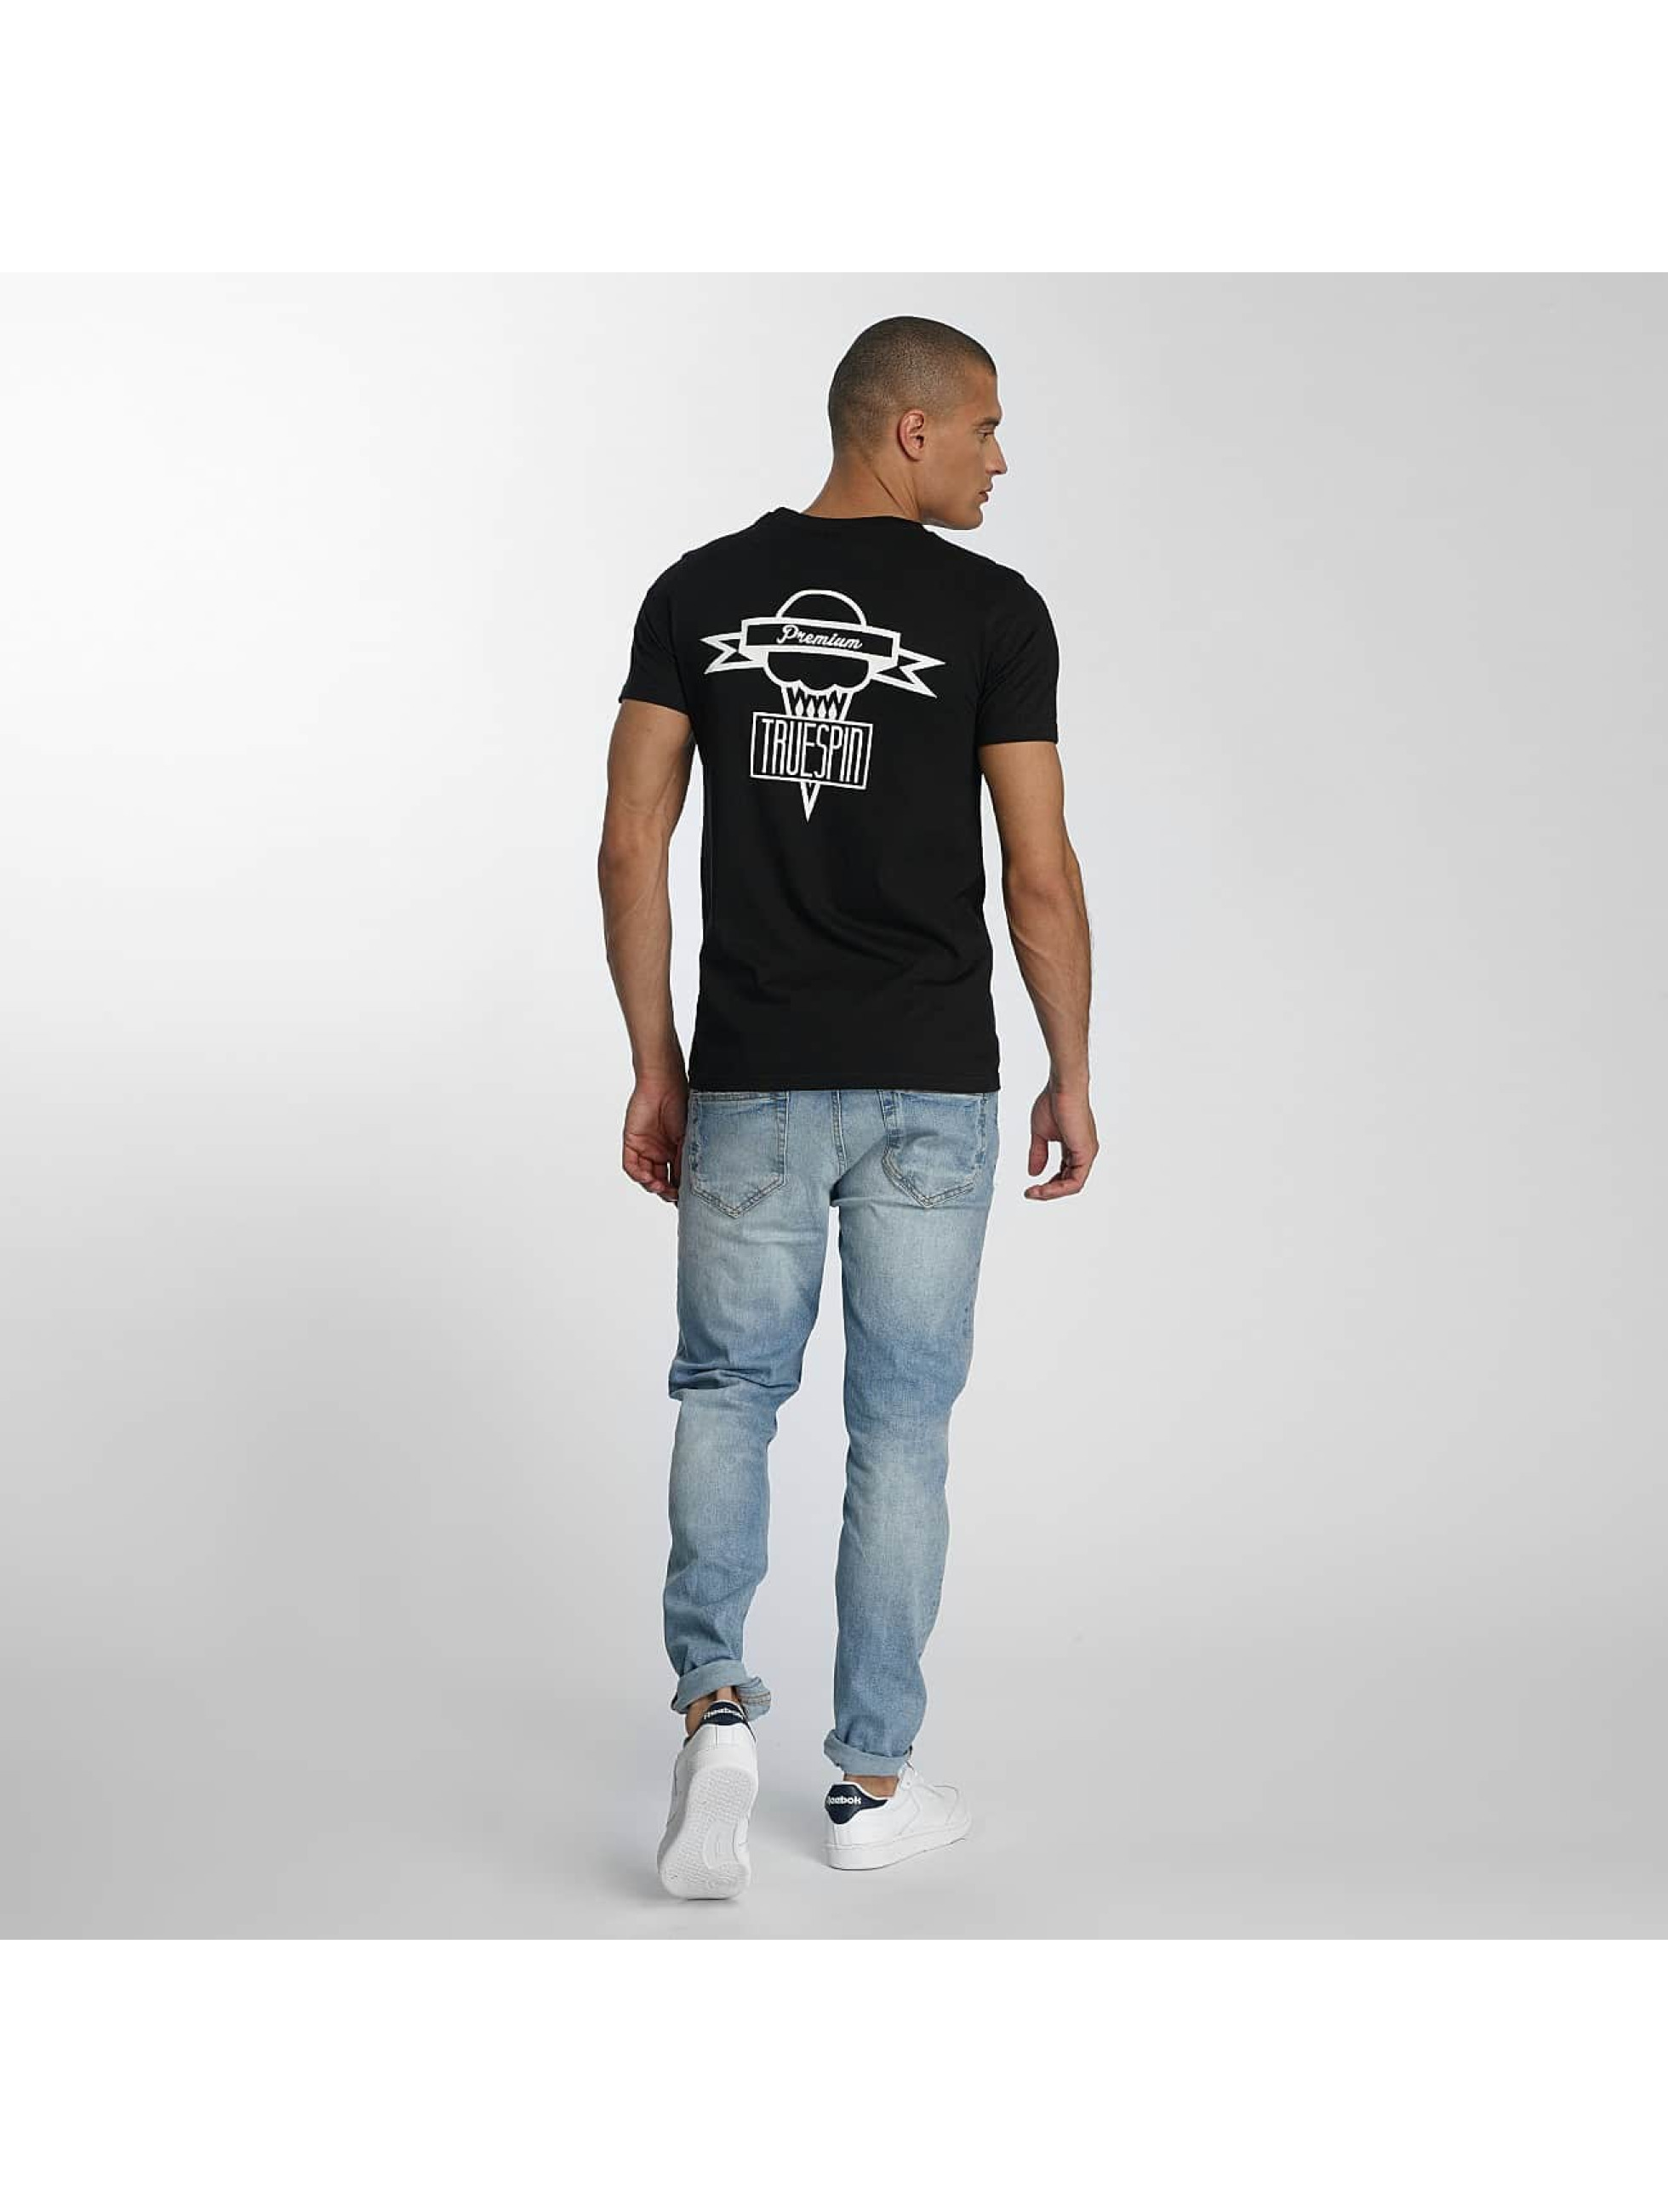 TrueSpin T-Shirt 4 black